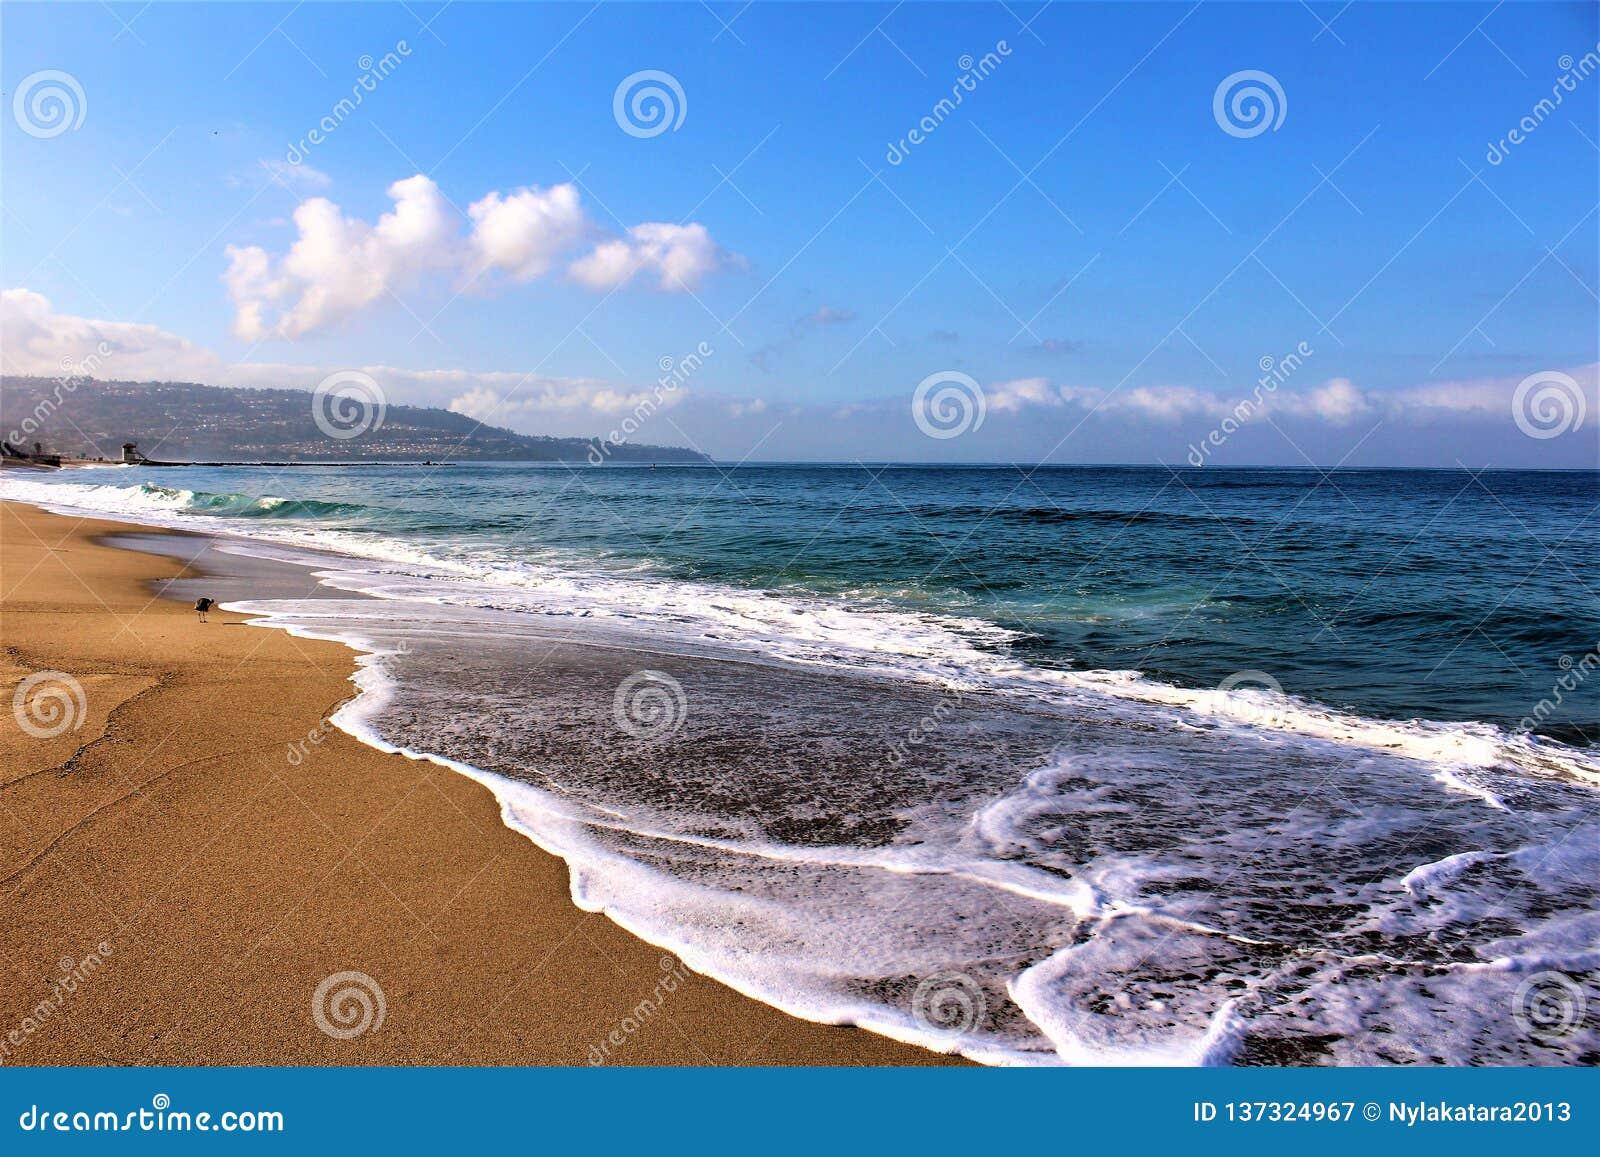 Fronte mare alla spiaggia California di Hermosa nella contea di Los Angeles, California, Stati Uniti